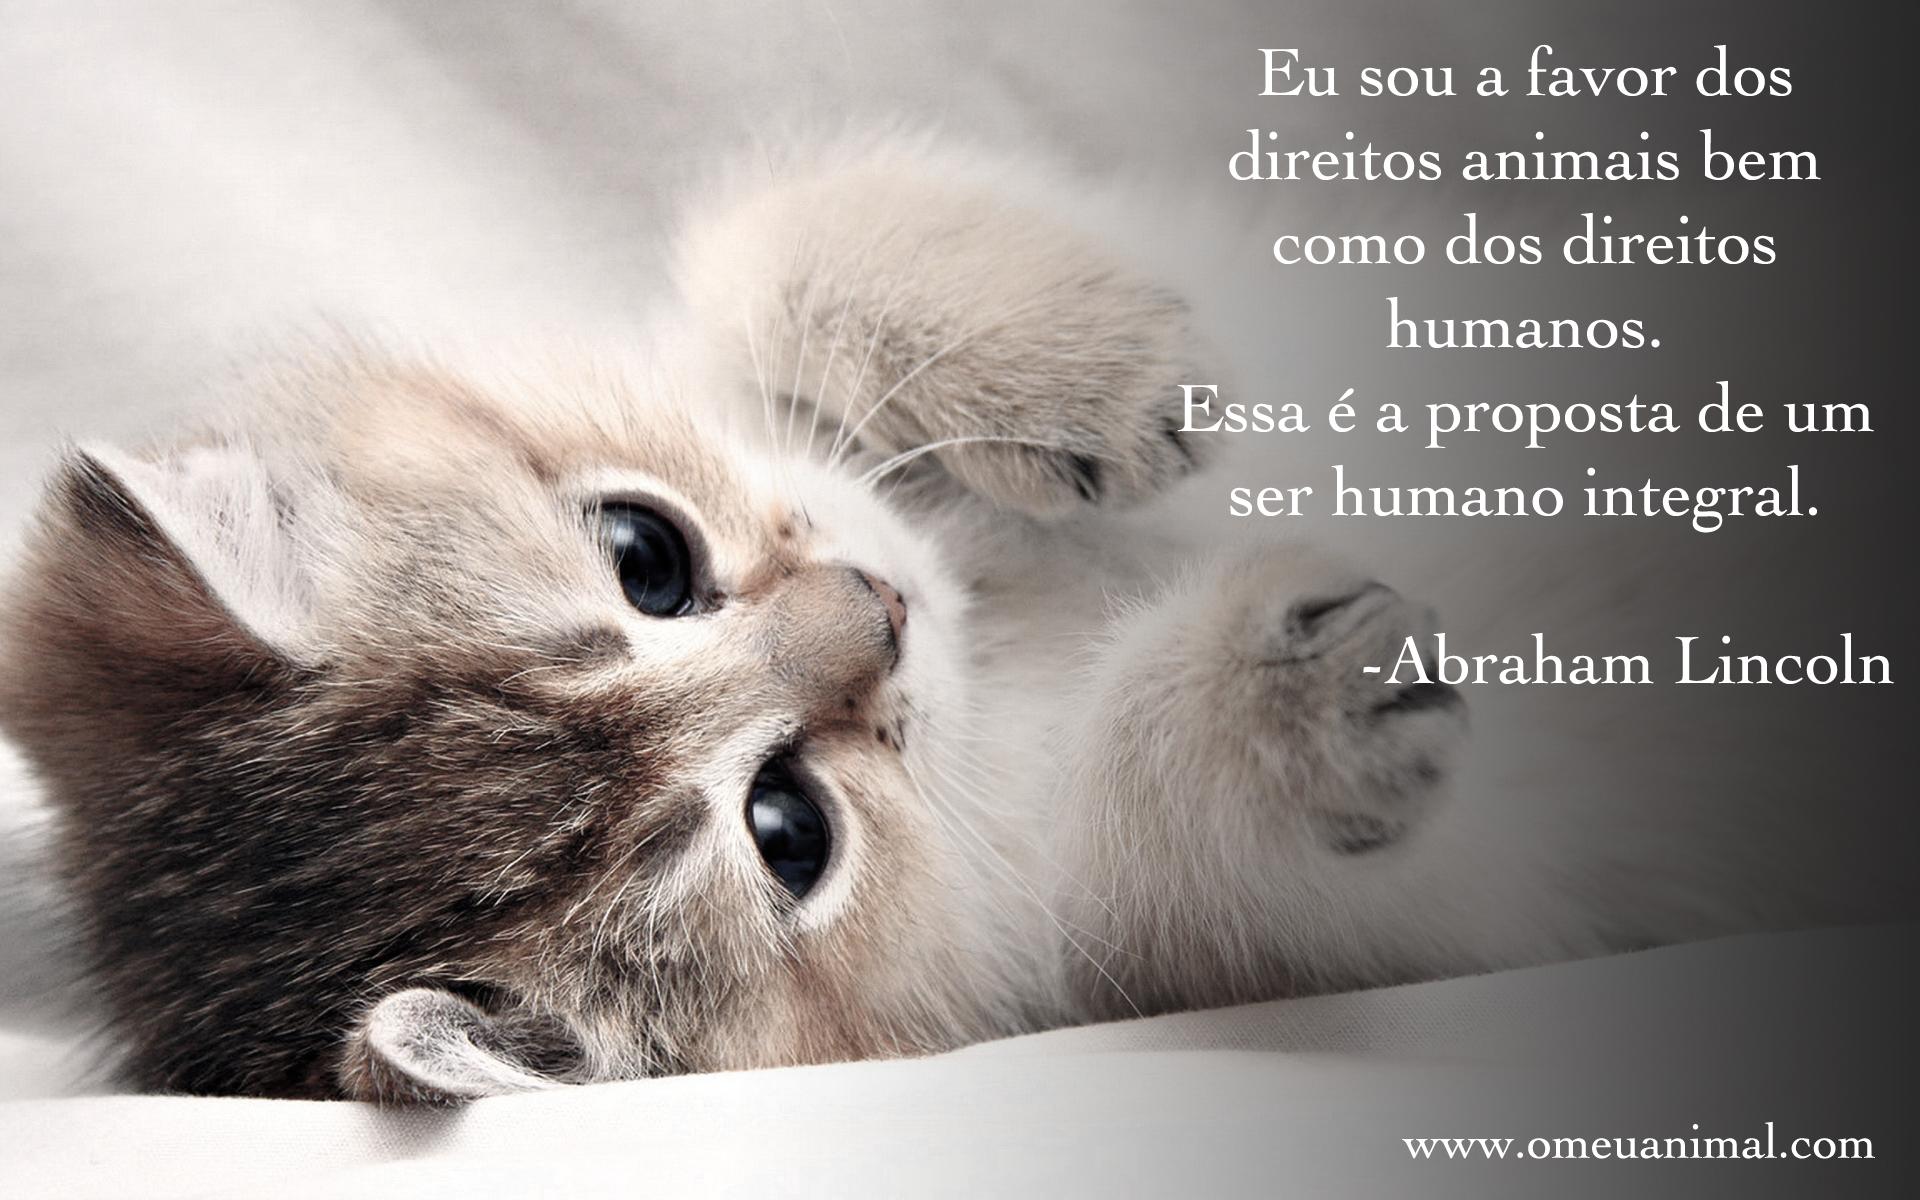 Frases Com Animais De Estimação Para Facebook: Frases De Animais + Frases Sobre Animais+ Frases Animais